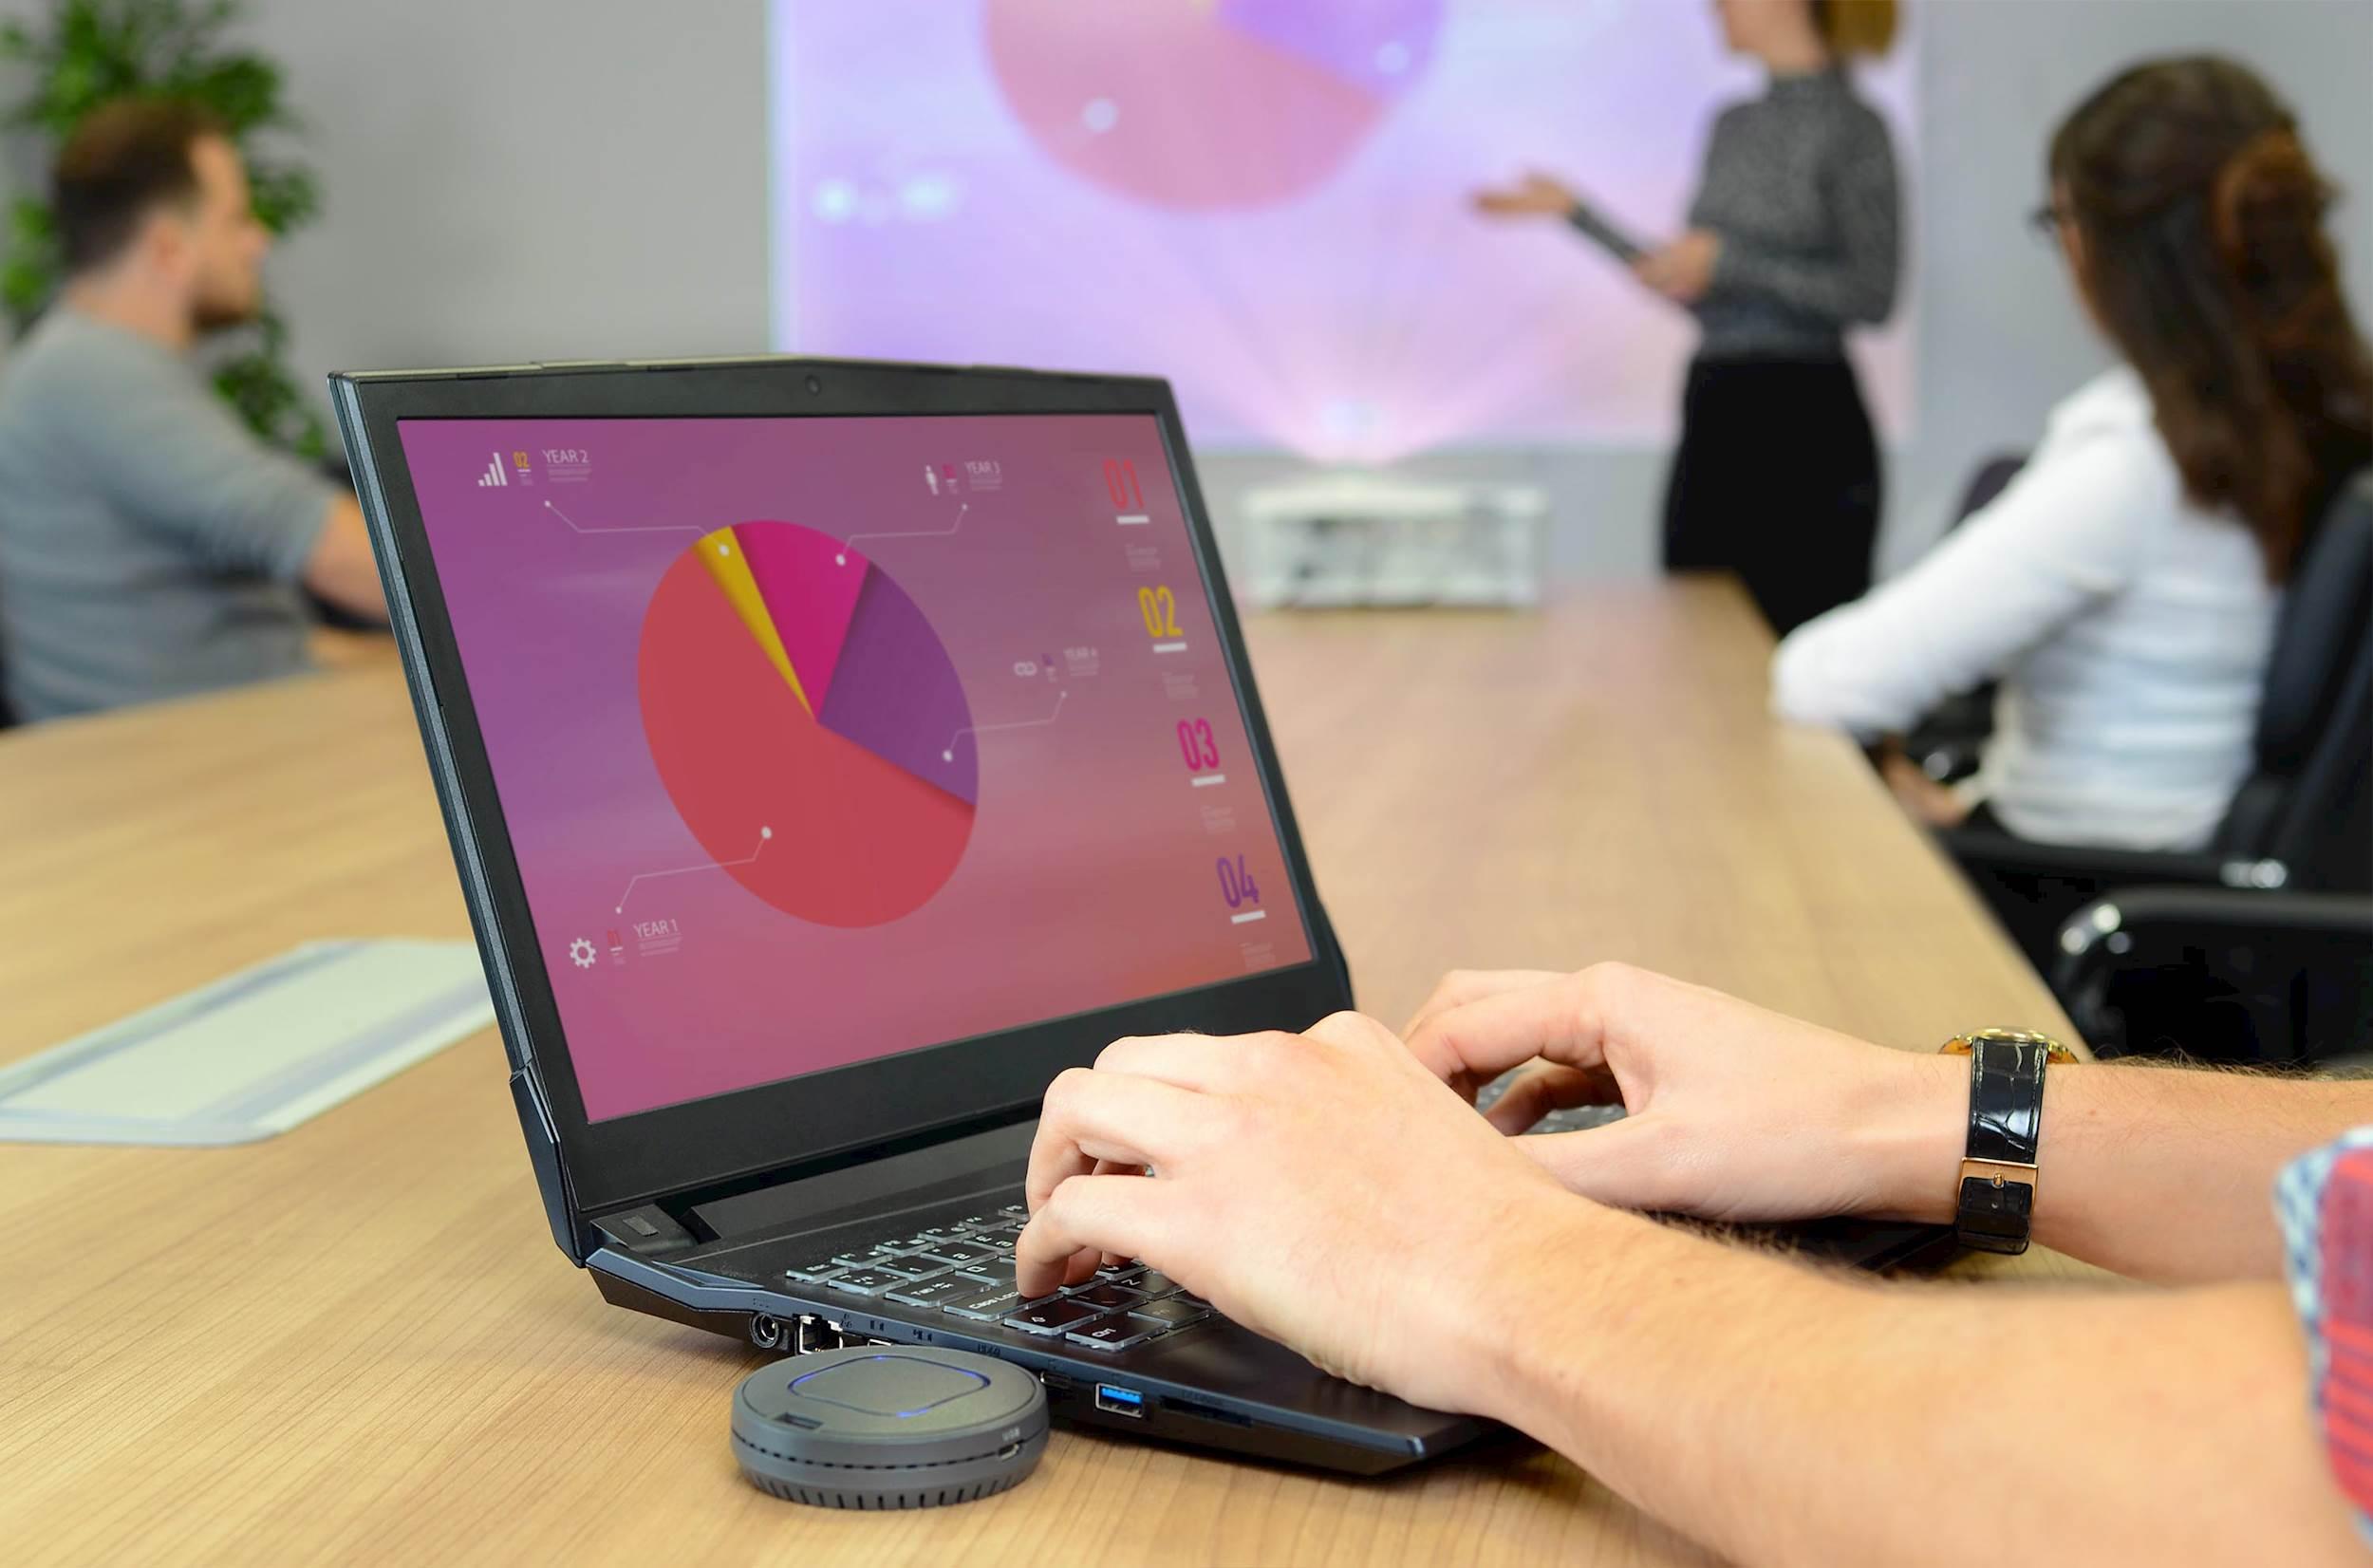 Bezprzewodowe prezentowanie za pomocą HDMI